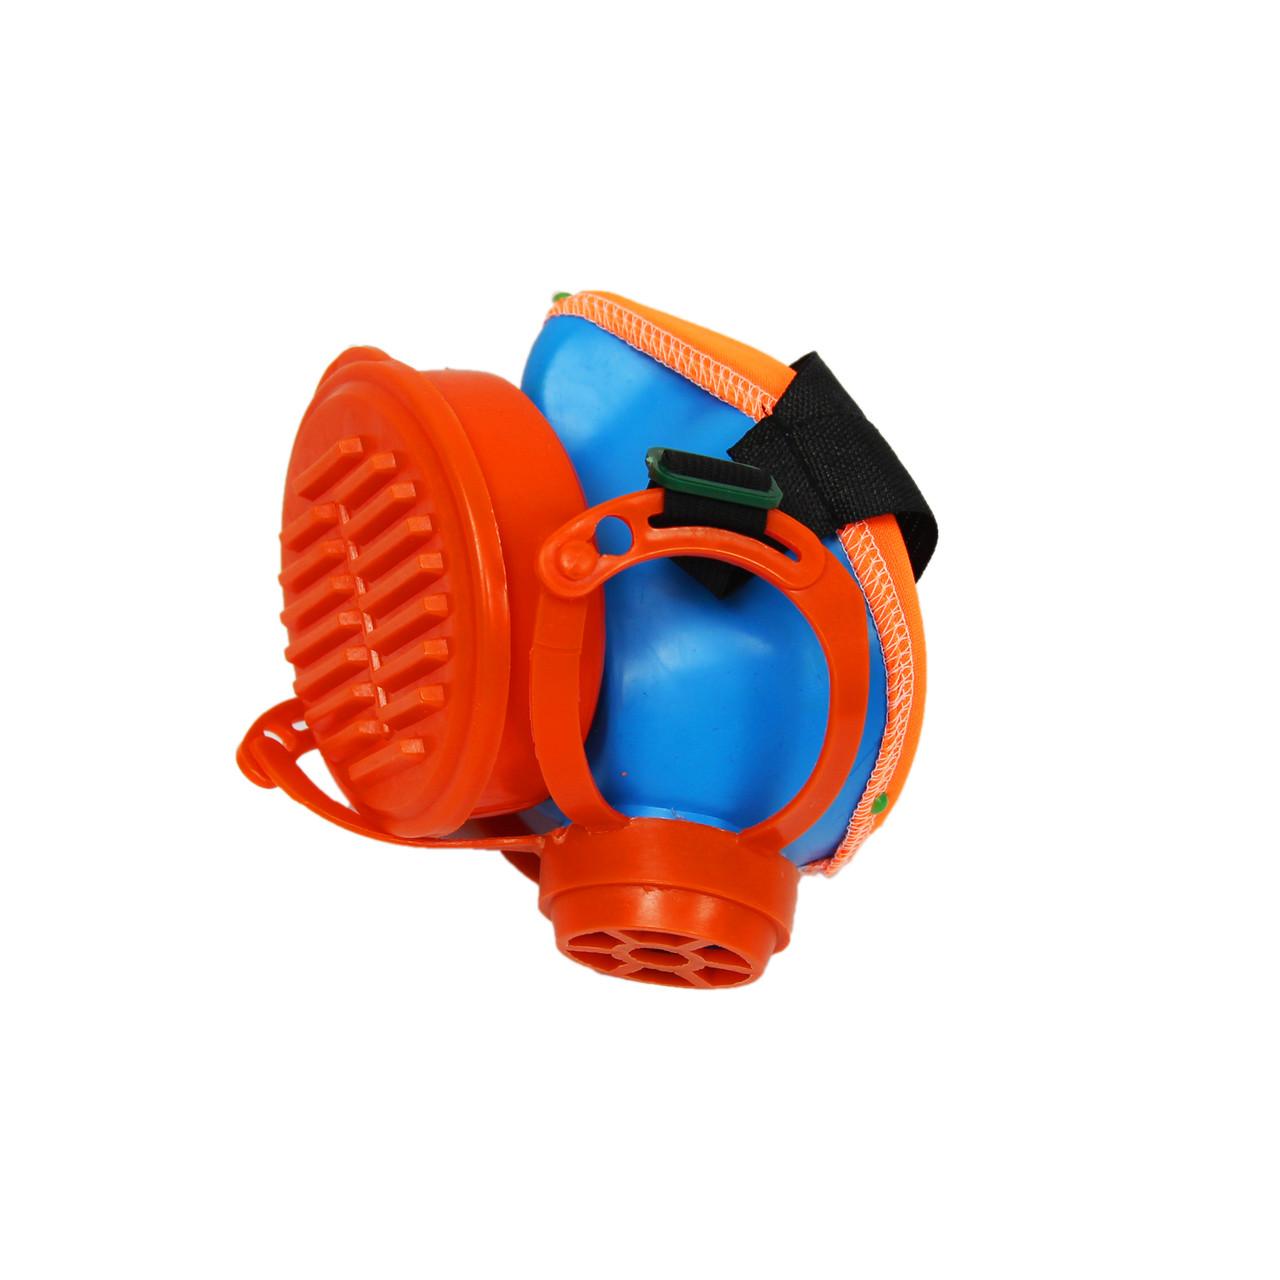 Респиратор фильтрующий пылезащитный Пульс-1м